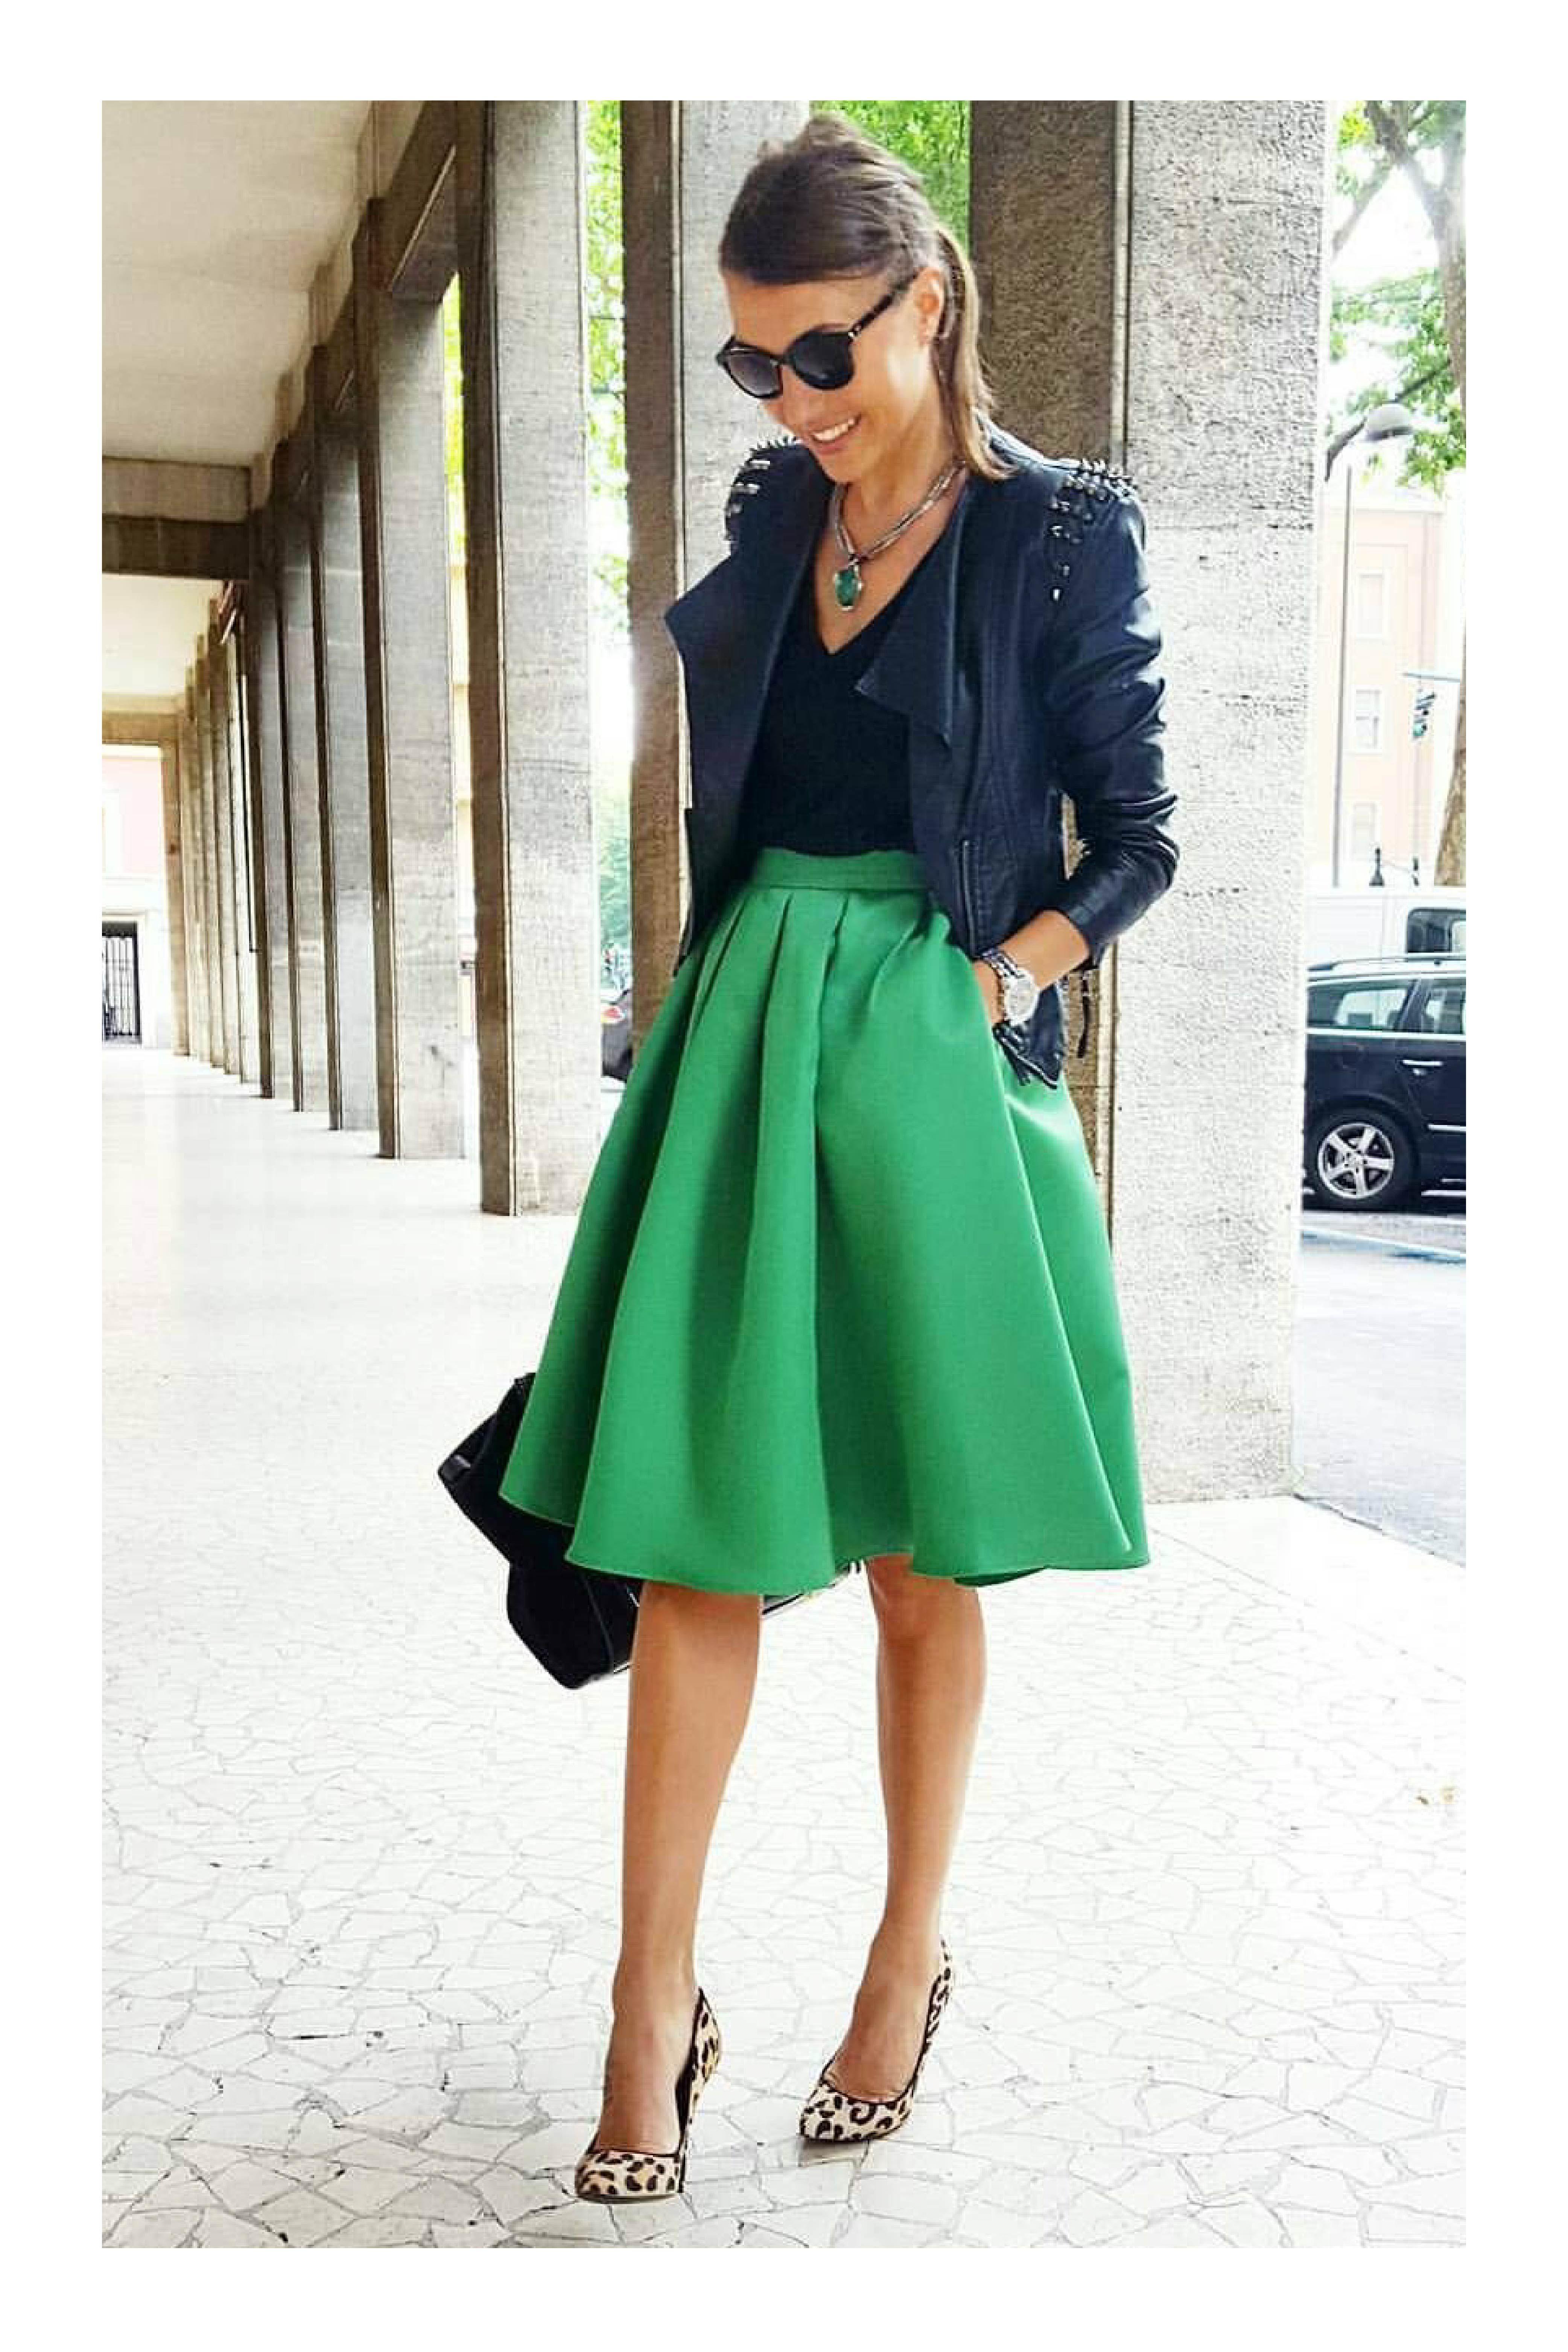 cheap for discount 177c7 56501 Outfits sofisticados para eventos de día  TiZKKAmoda  blusa  negro  falda   verde  stilettos  animalprint  chamarra  piel  lentes  formal